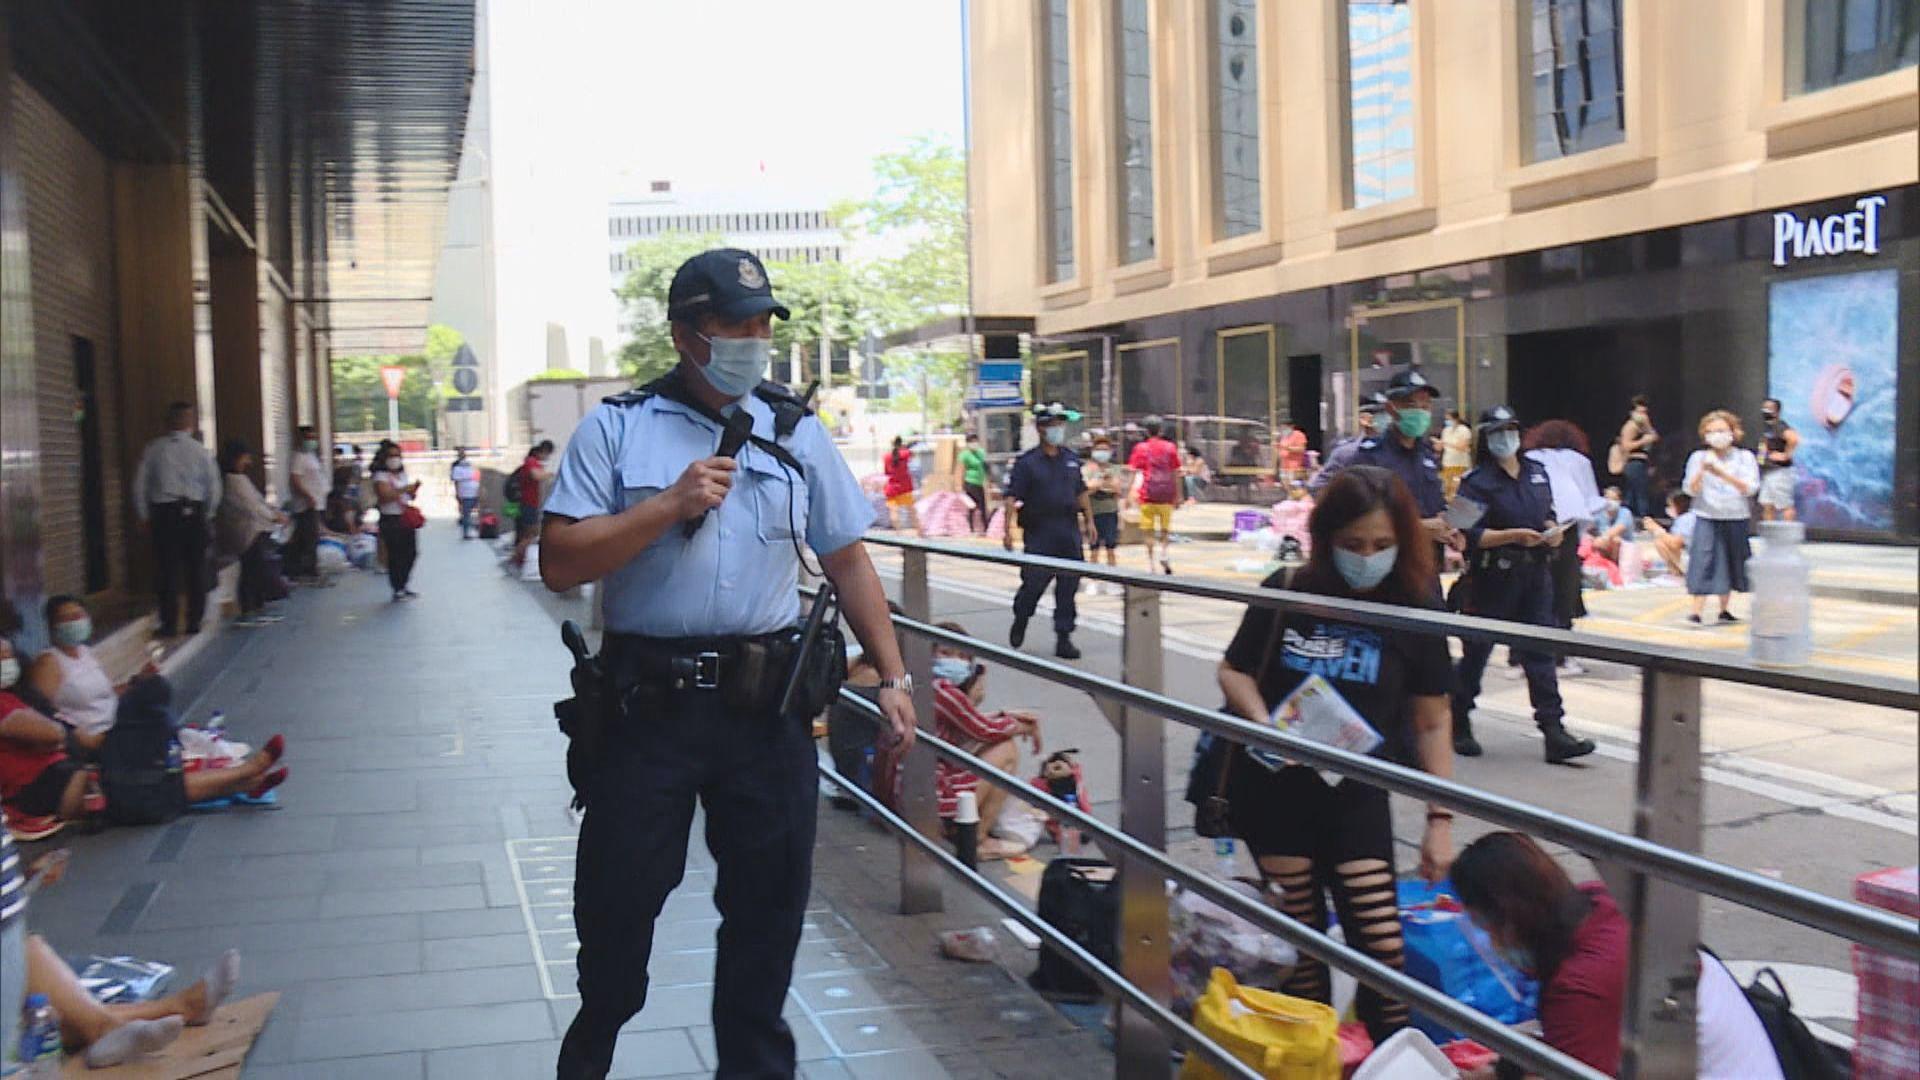 外傭放假聚集 警方加強巡邏執法